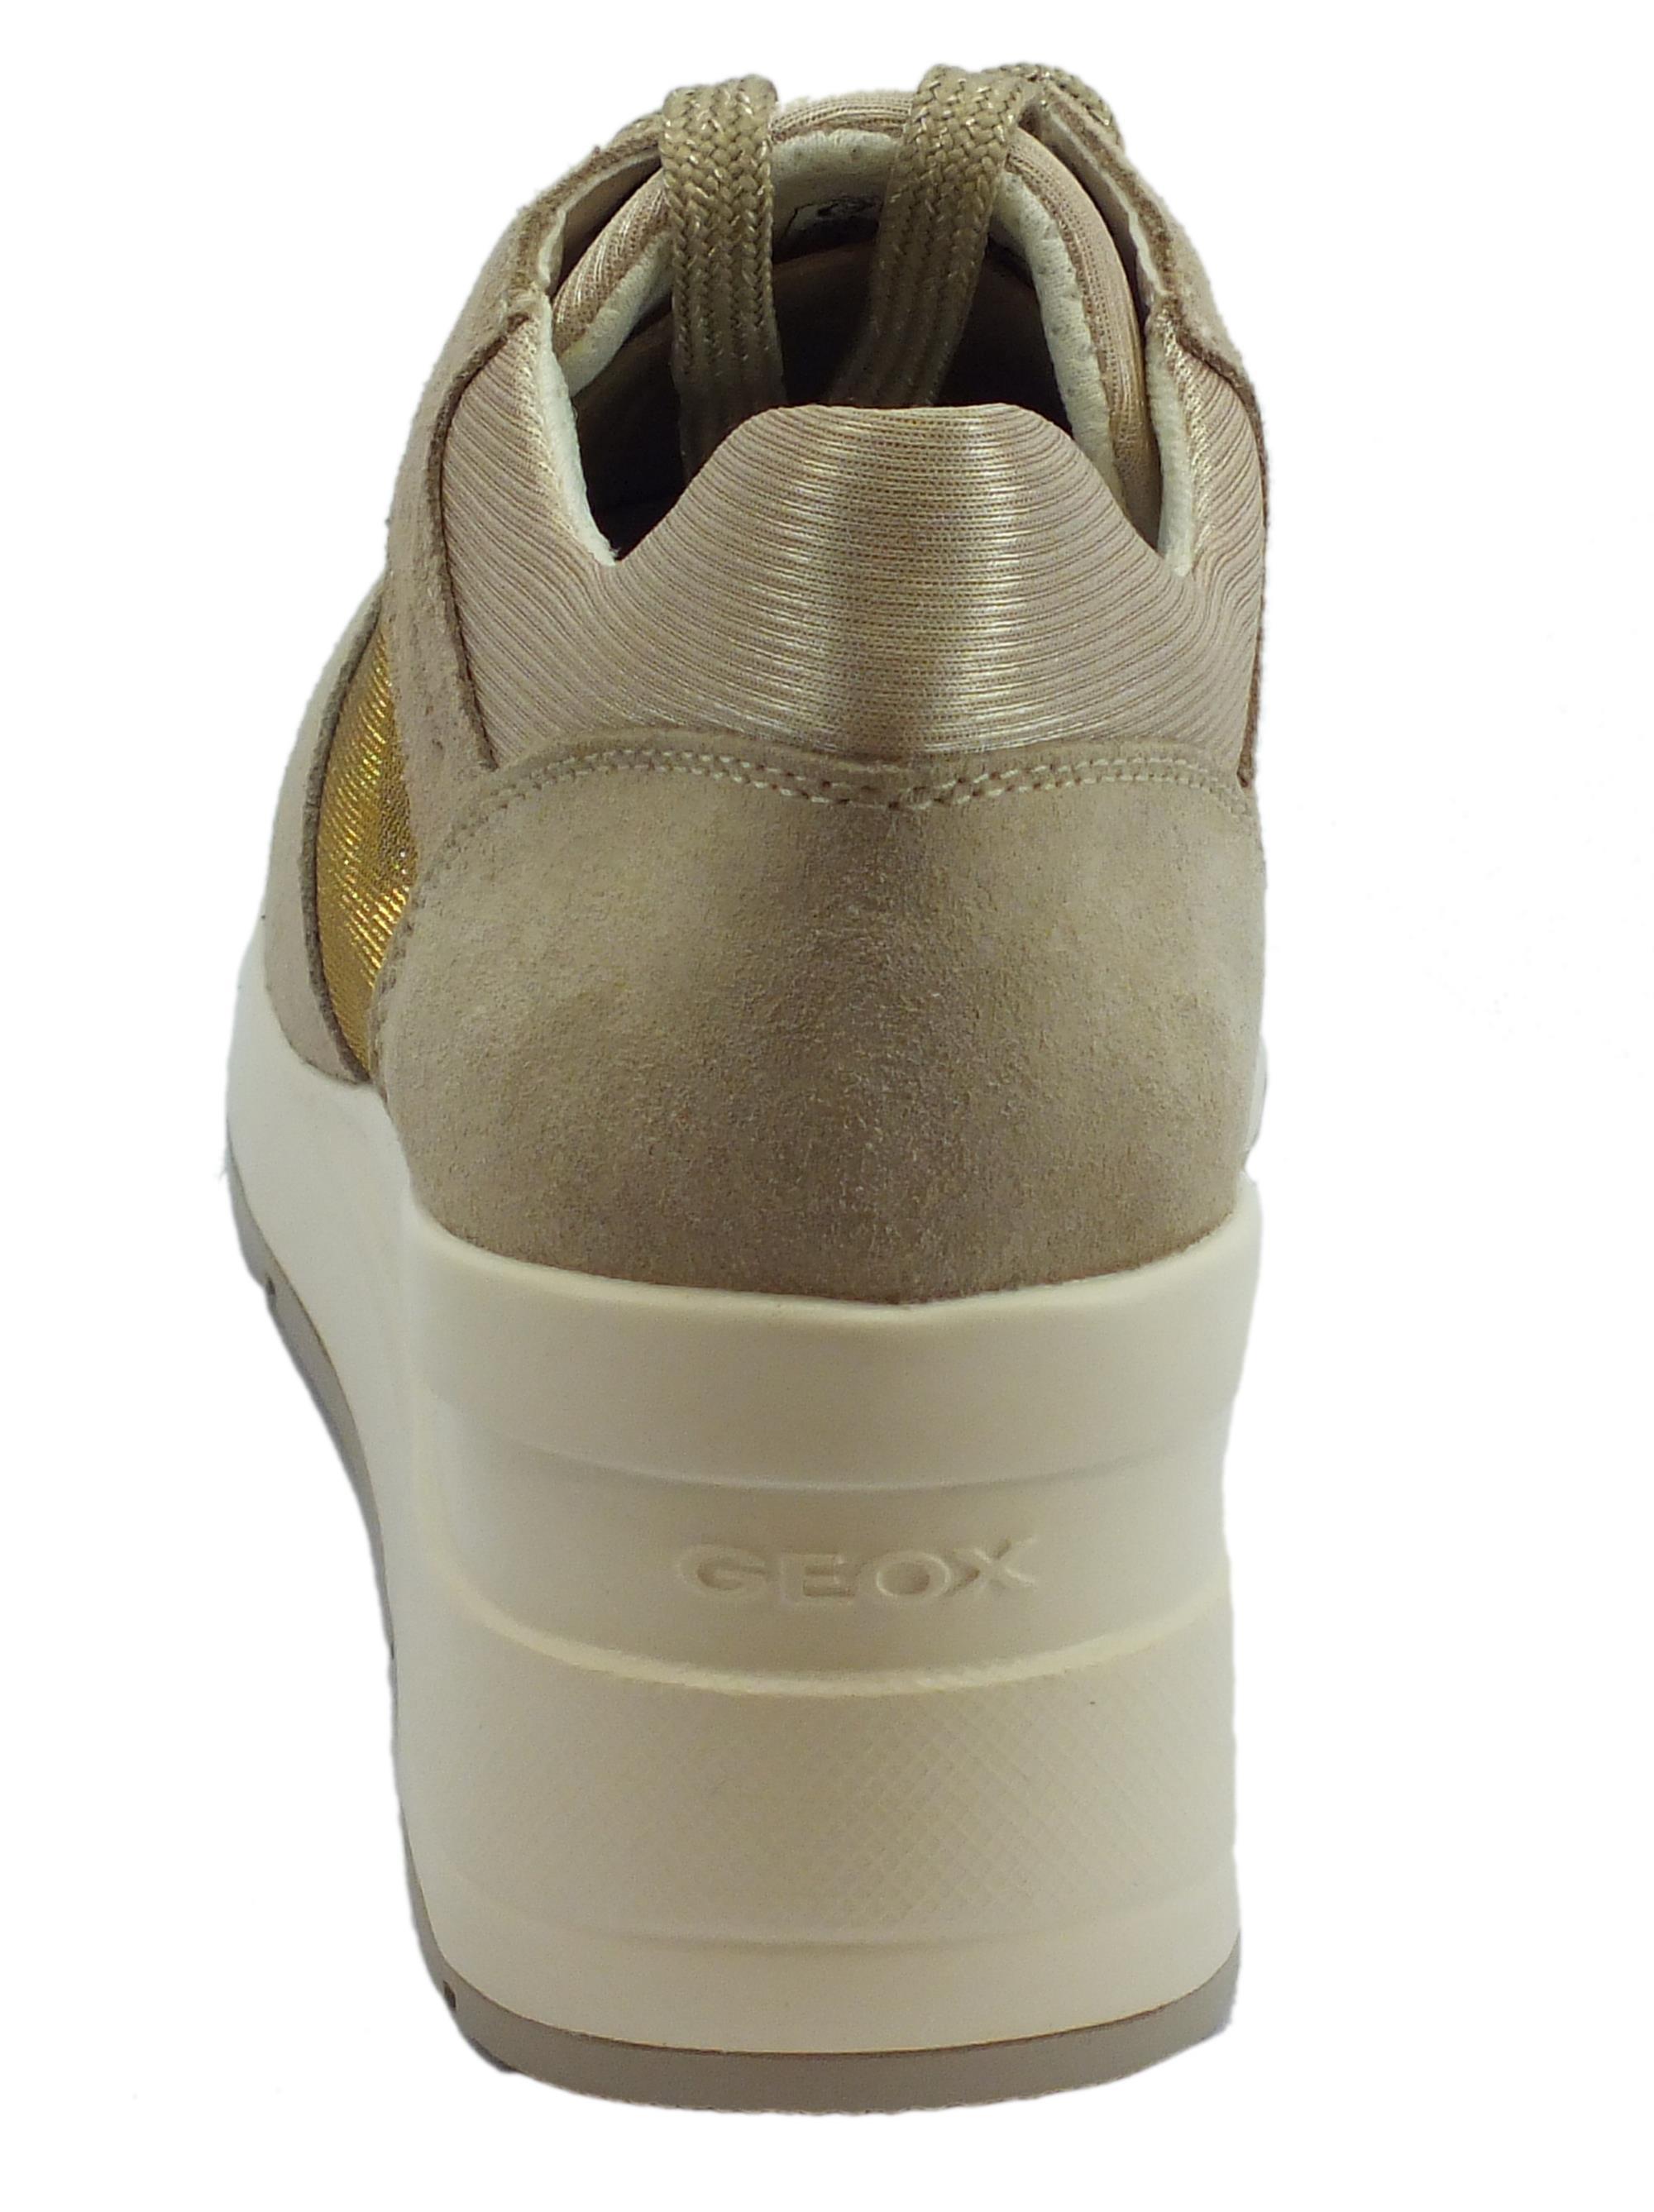 ... Sneakers Geox per donna in camoscio taupe e glitter argento zeppa alta b2eedc12a0f